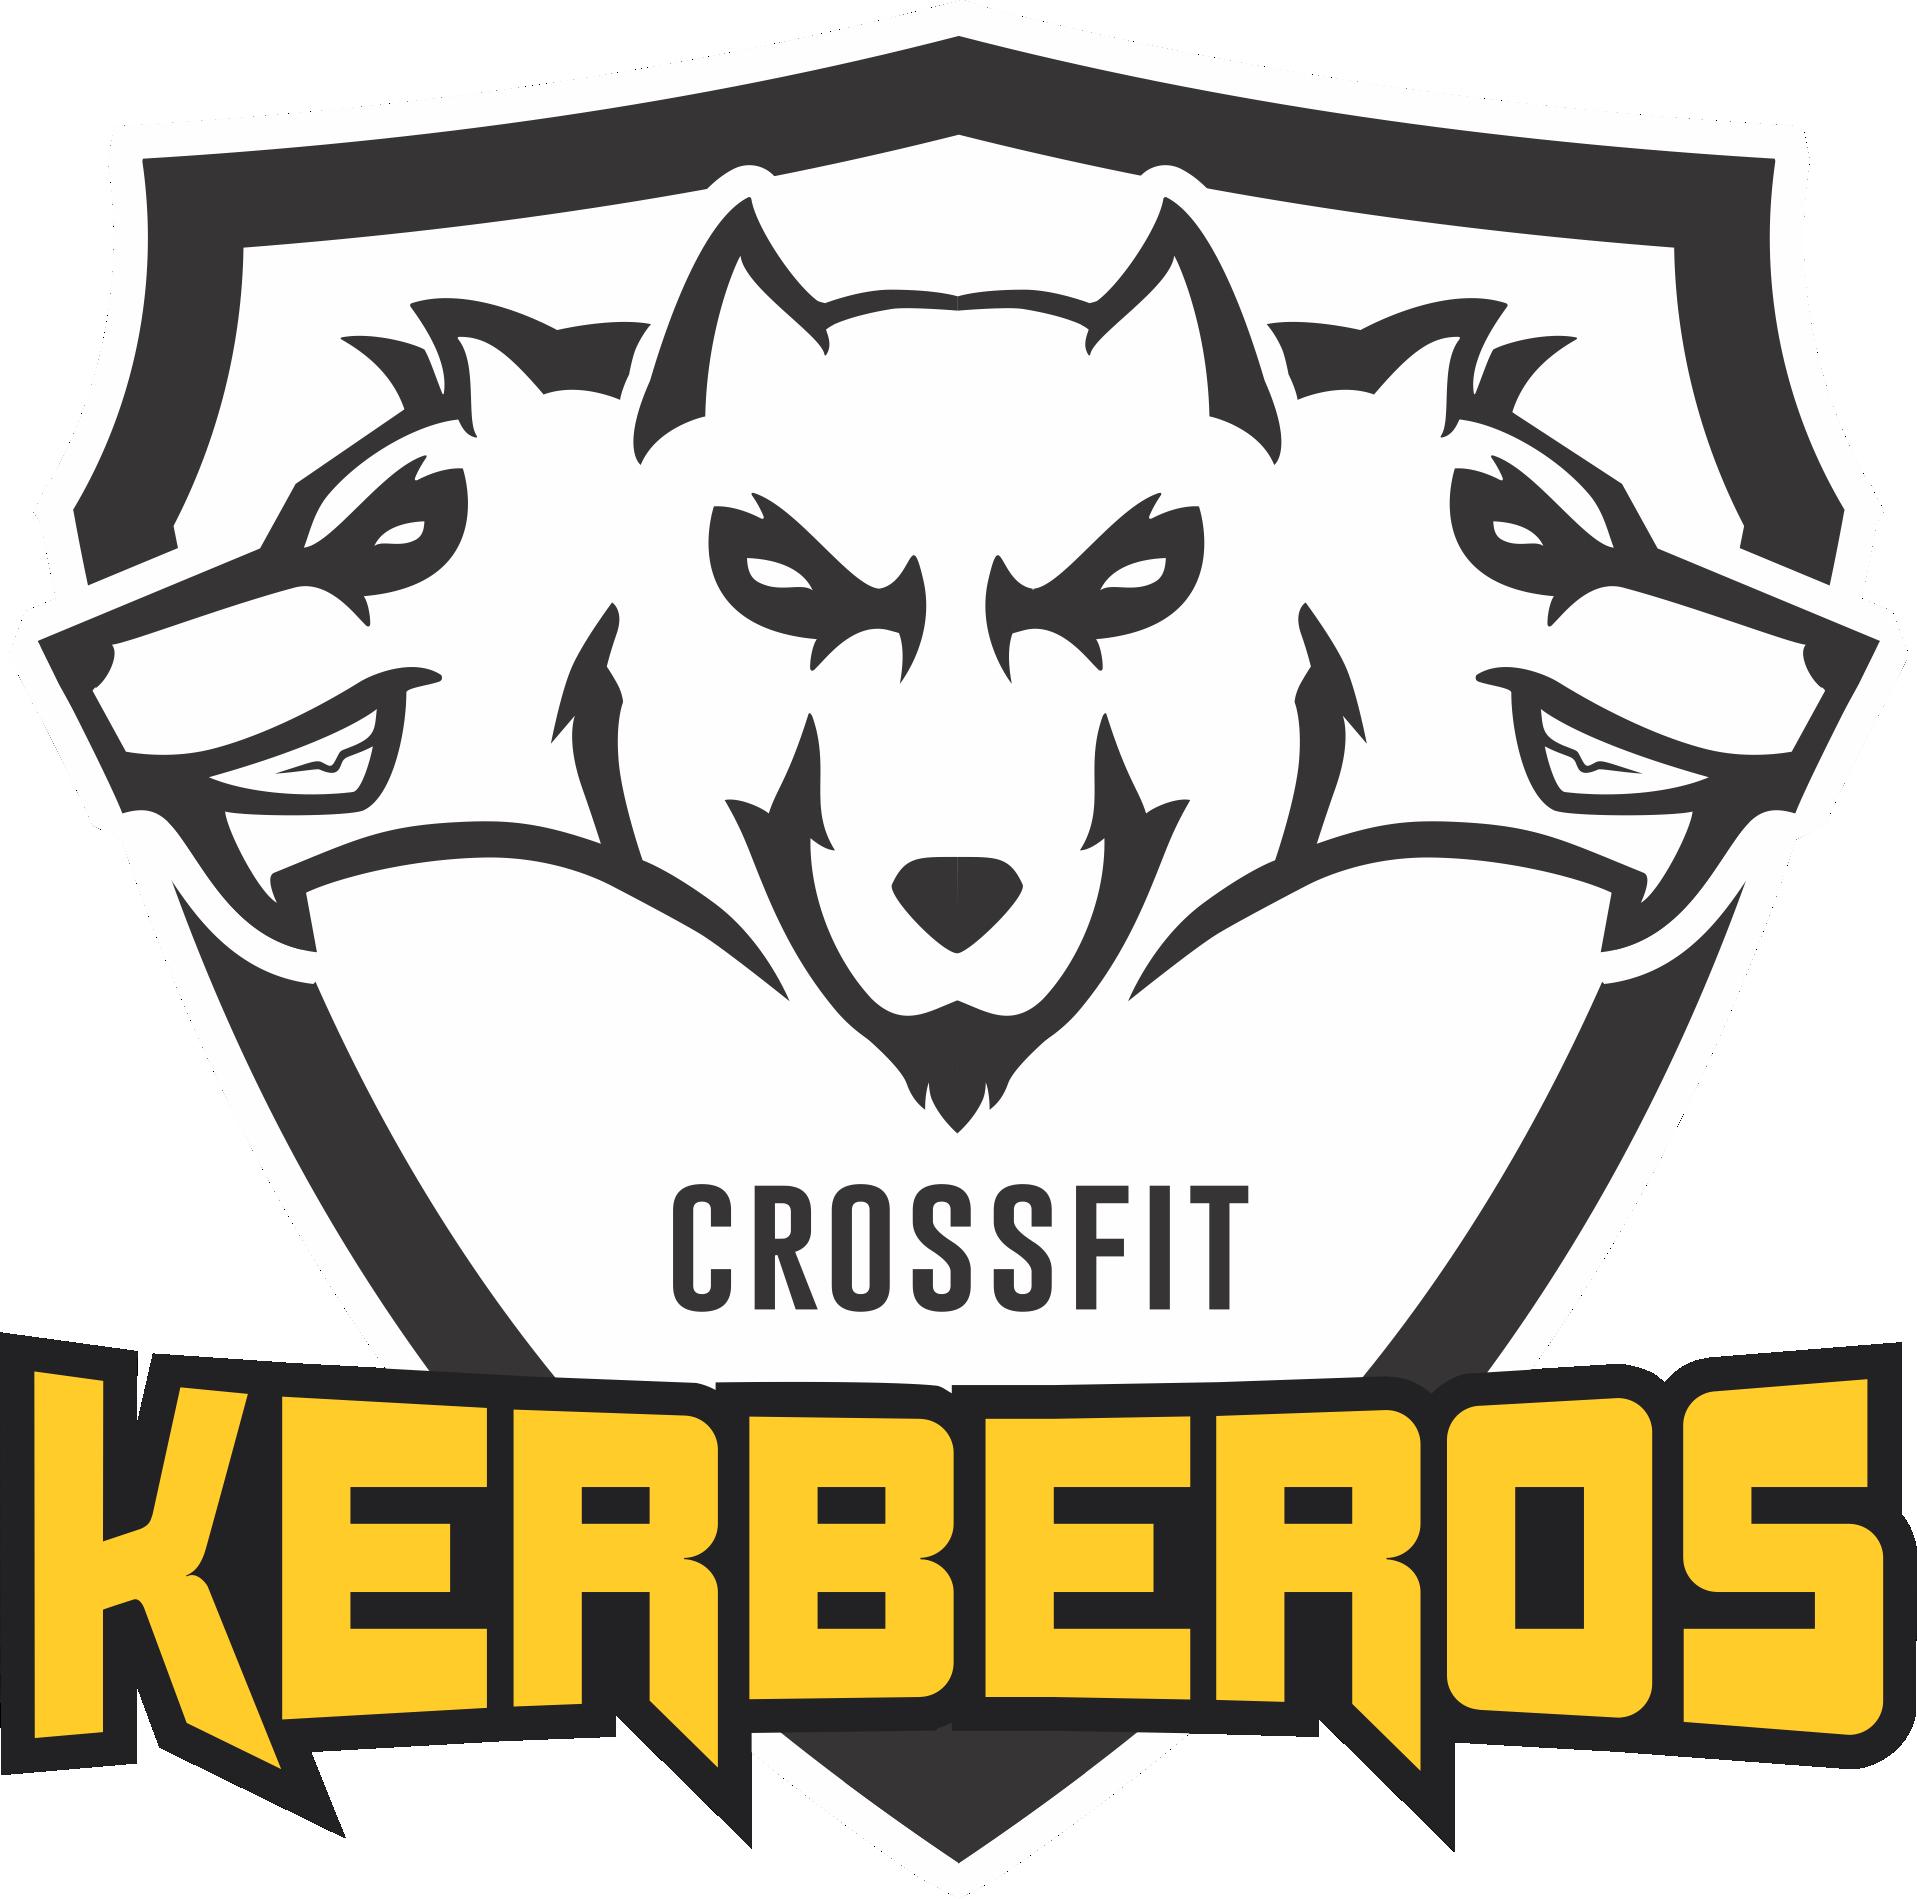 Kerberos CrossFit